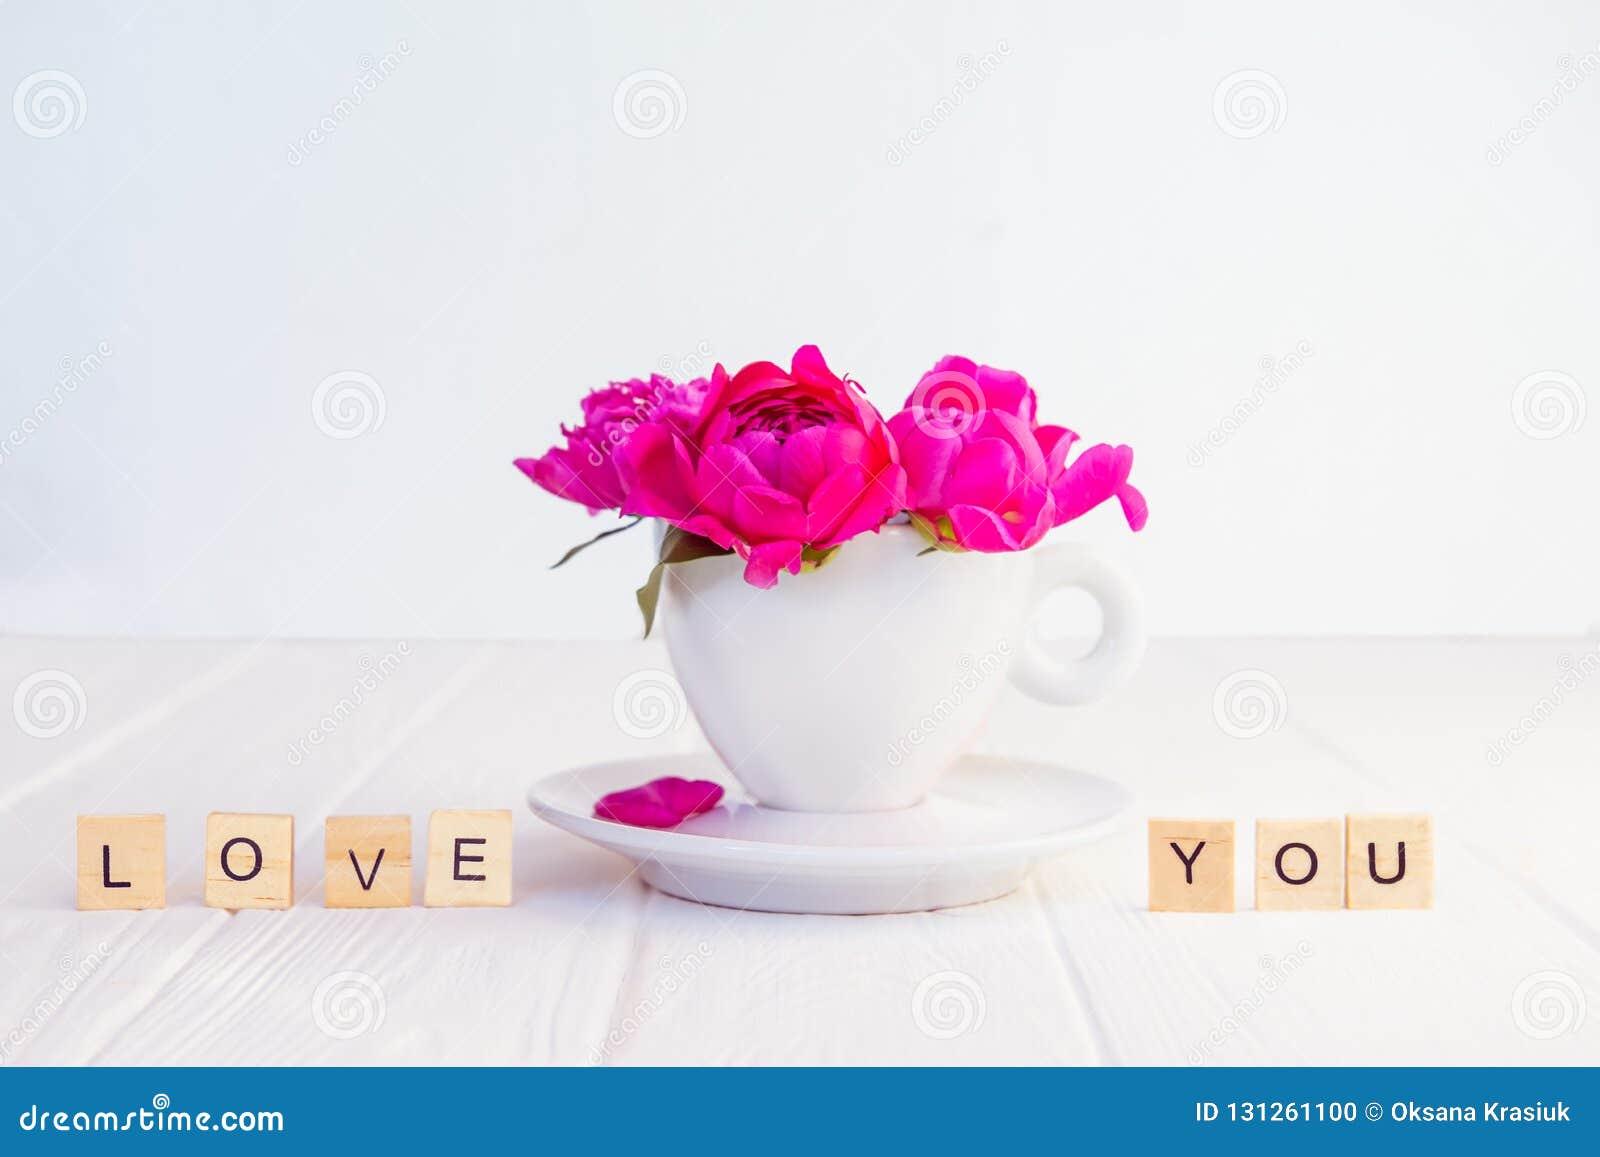 Κλείστε επάνω την πορφυρή ρόδινη peony ανθοδέσμη λουλουδιών σε ένα διακοσμητικά φλυτζάνι και ένα πιατάκι και το μήνυμα που συλλαβ